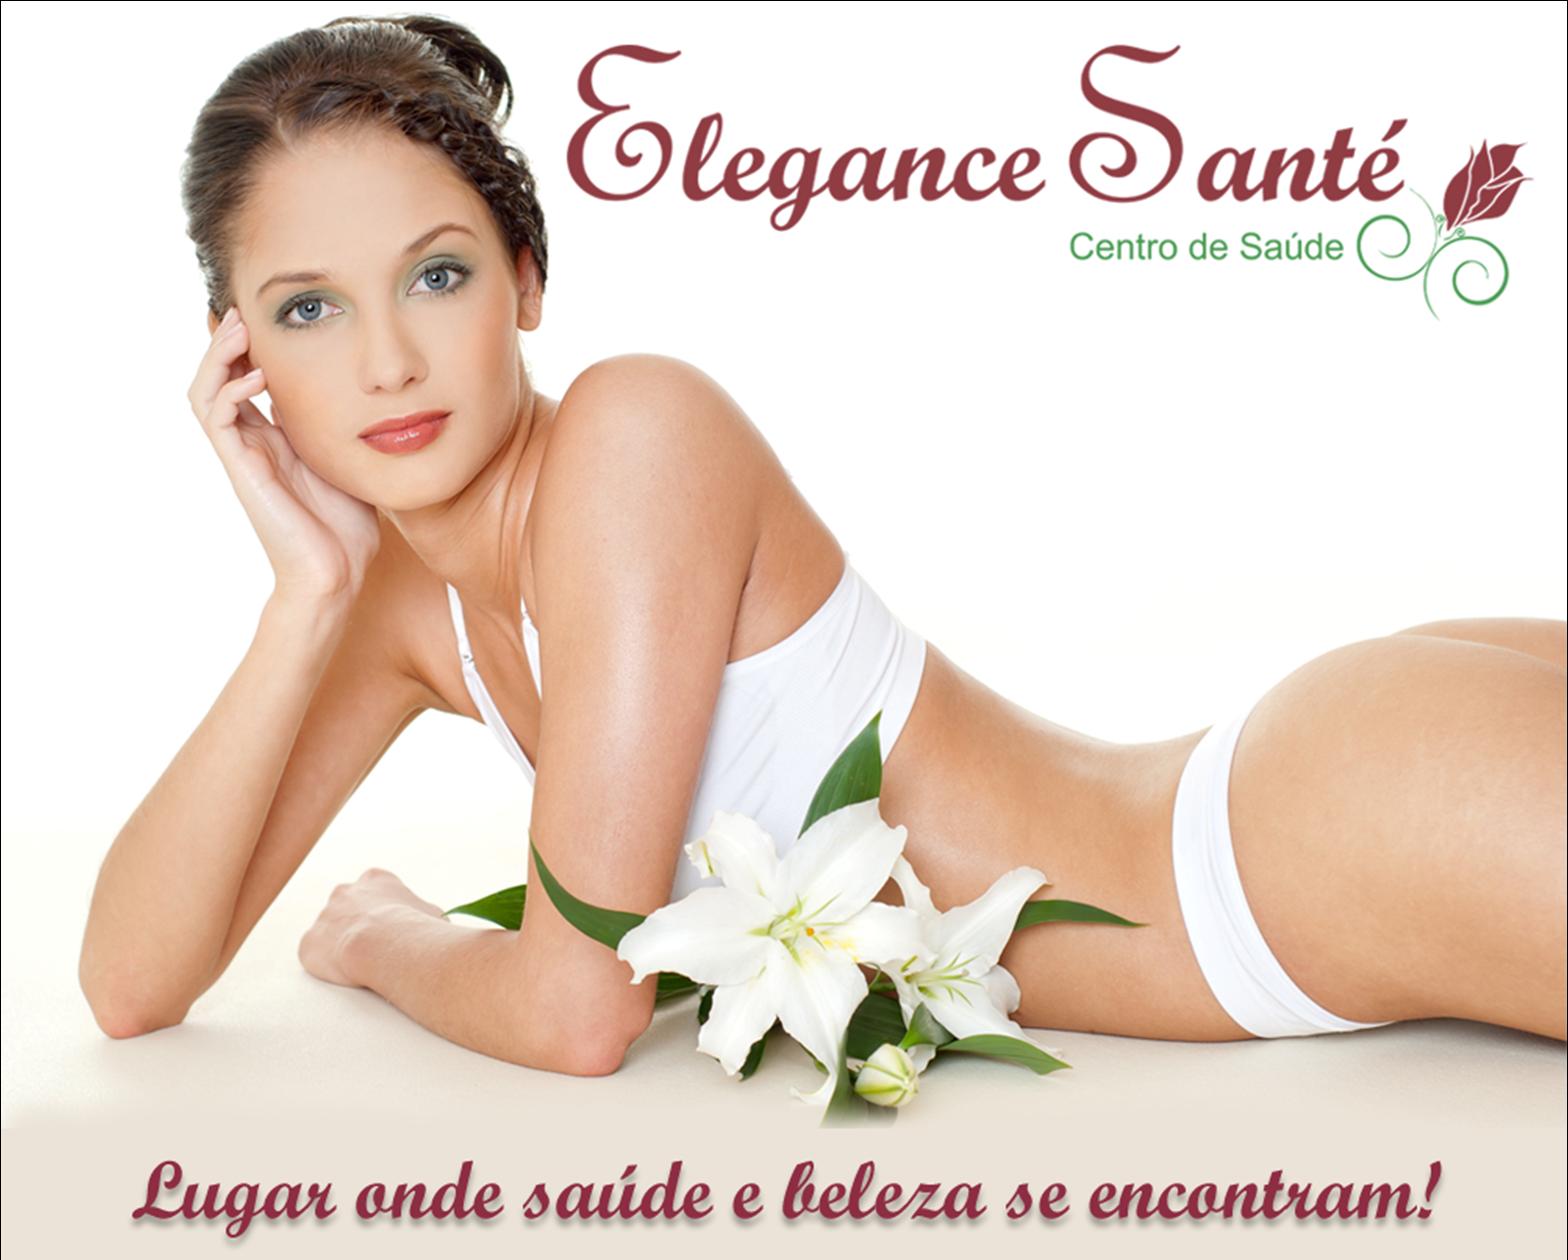 Elegance Santé